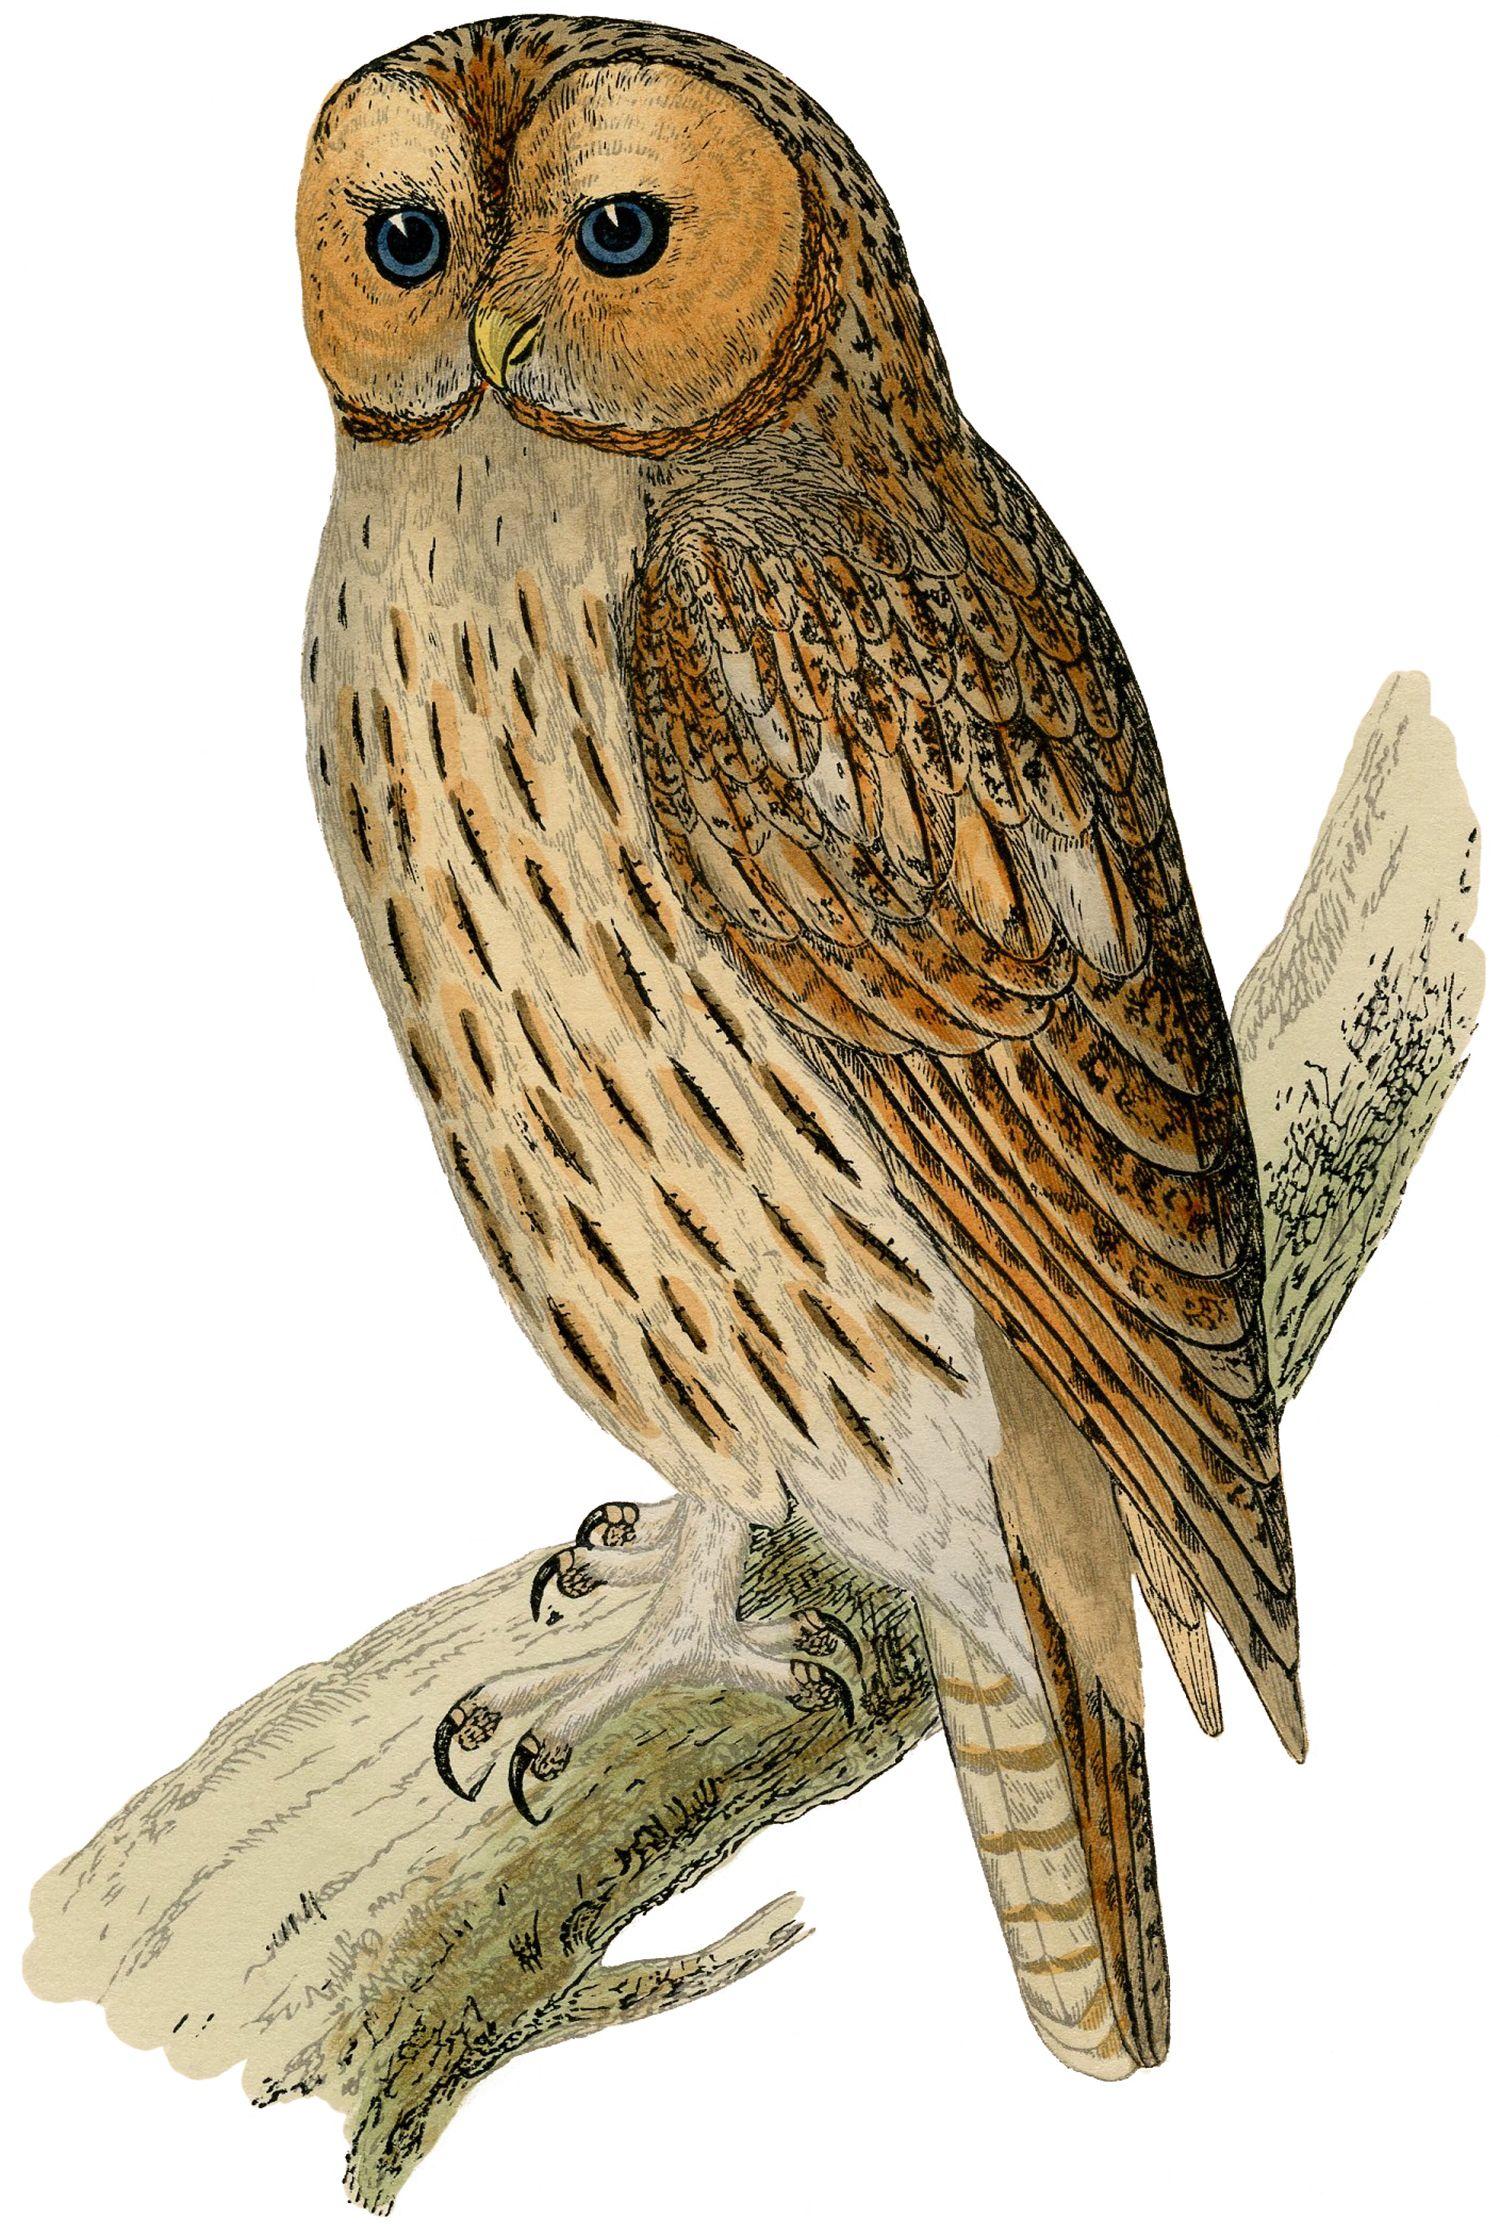 Vintage owl art for